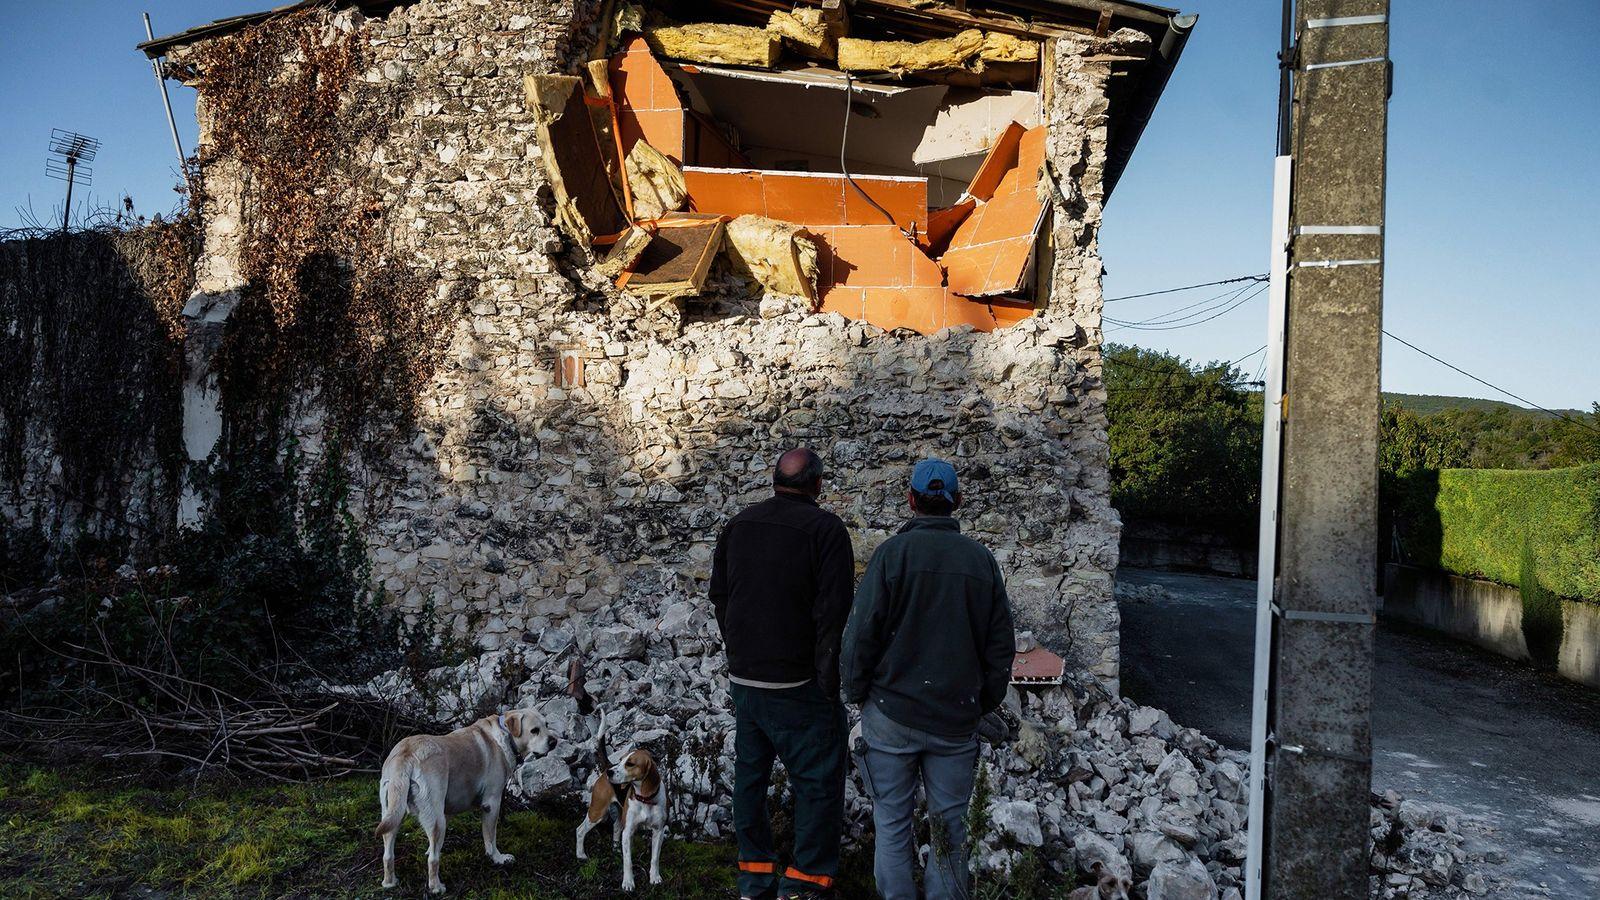 Le 11 novembre, un séisme de magnitude 4,8 a frappé le sud-est de la France, endommageant ...